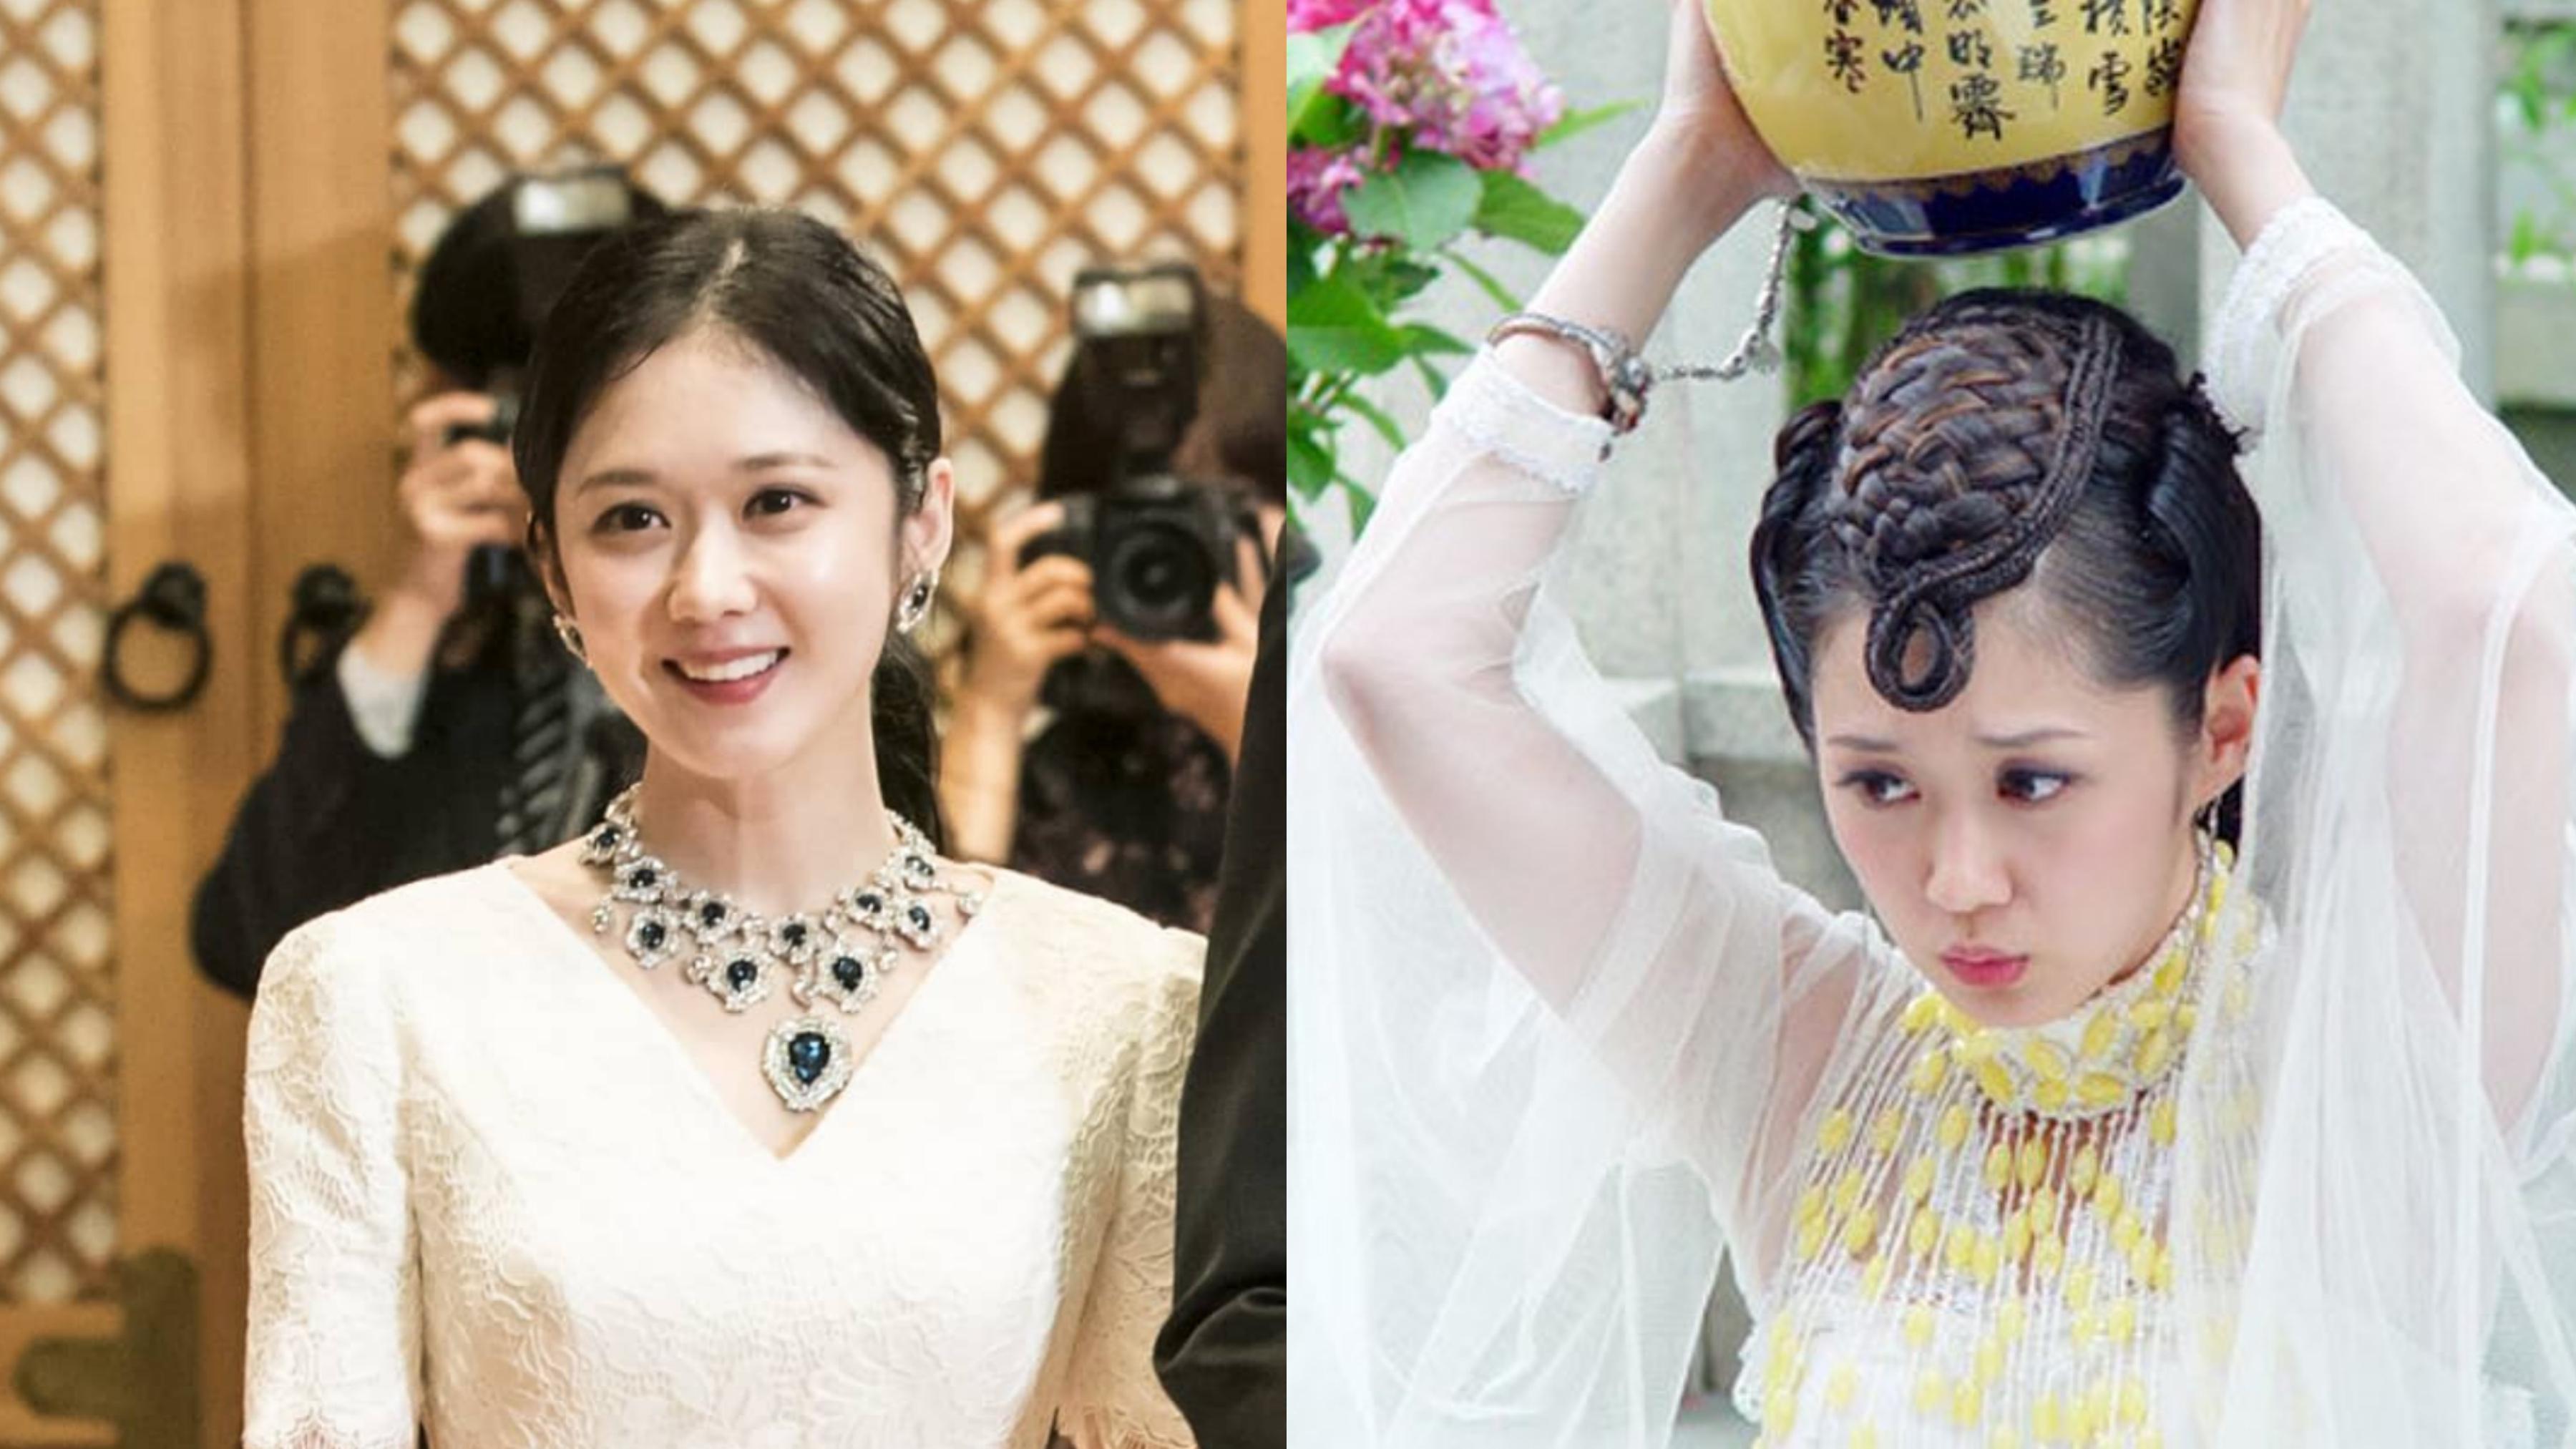 2005年所演出《刁蠻公主》(圖右)的張娜拉與2018年出演《皇后的品格》(圖左)幾乎沒改變,是不是也該動起來保養了呢?